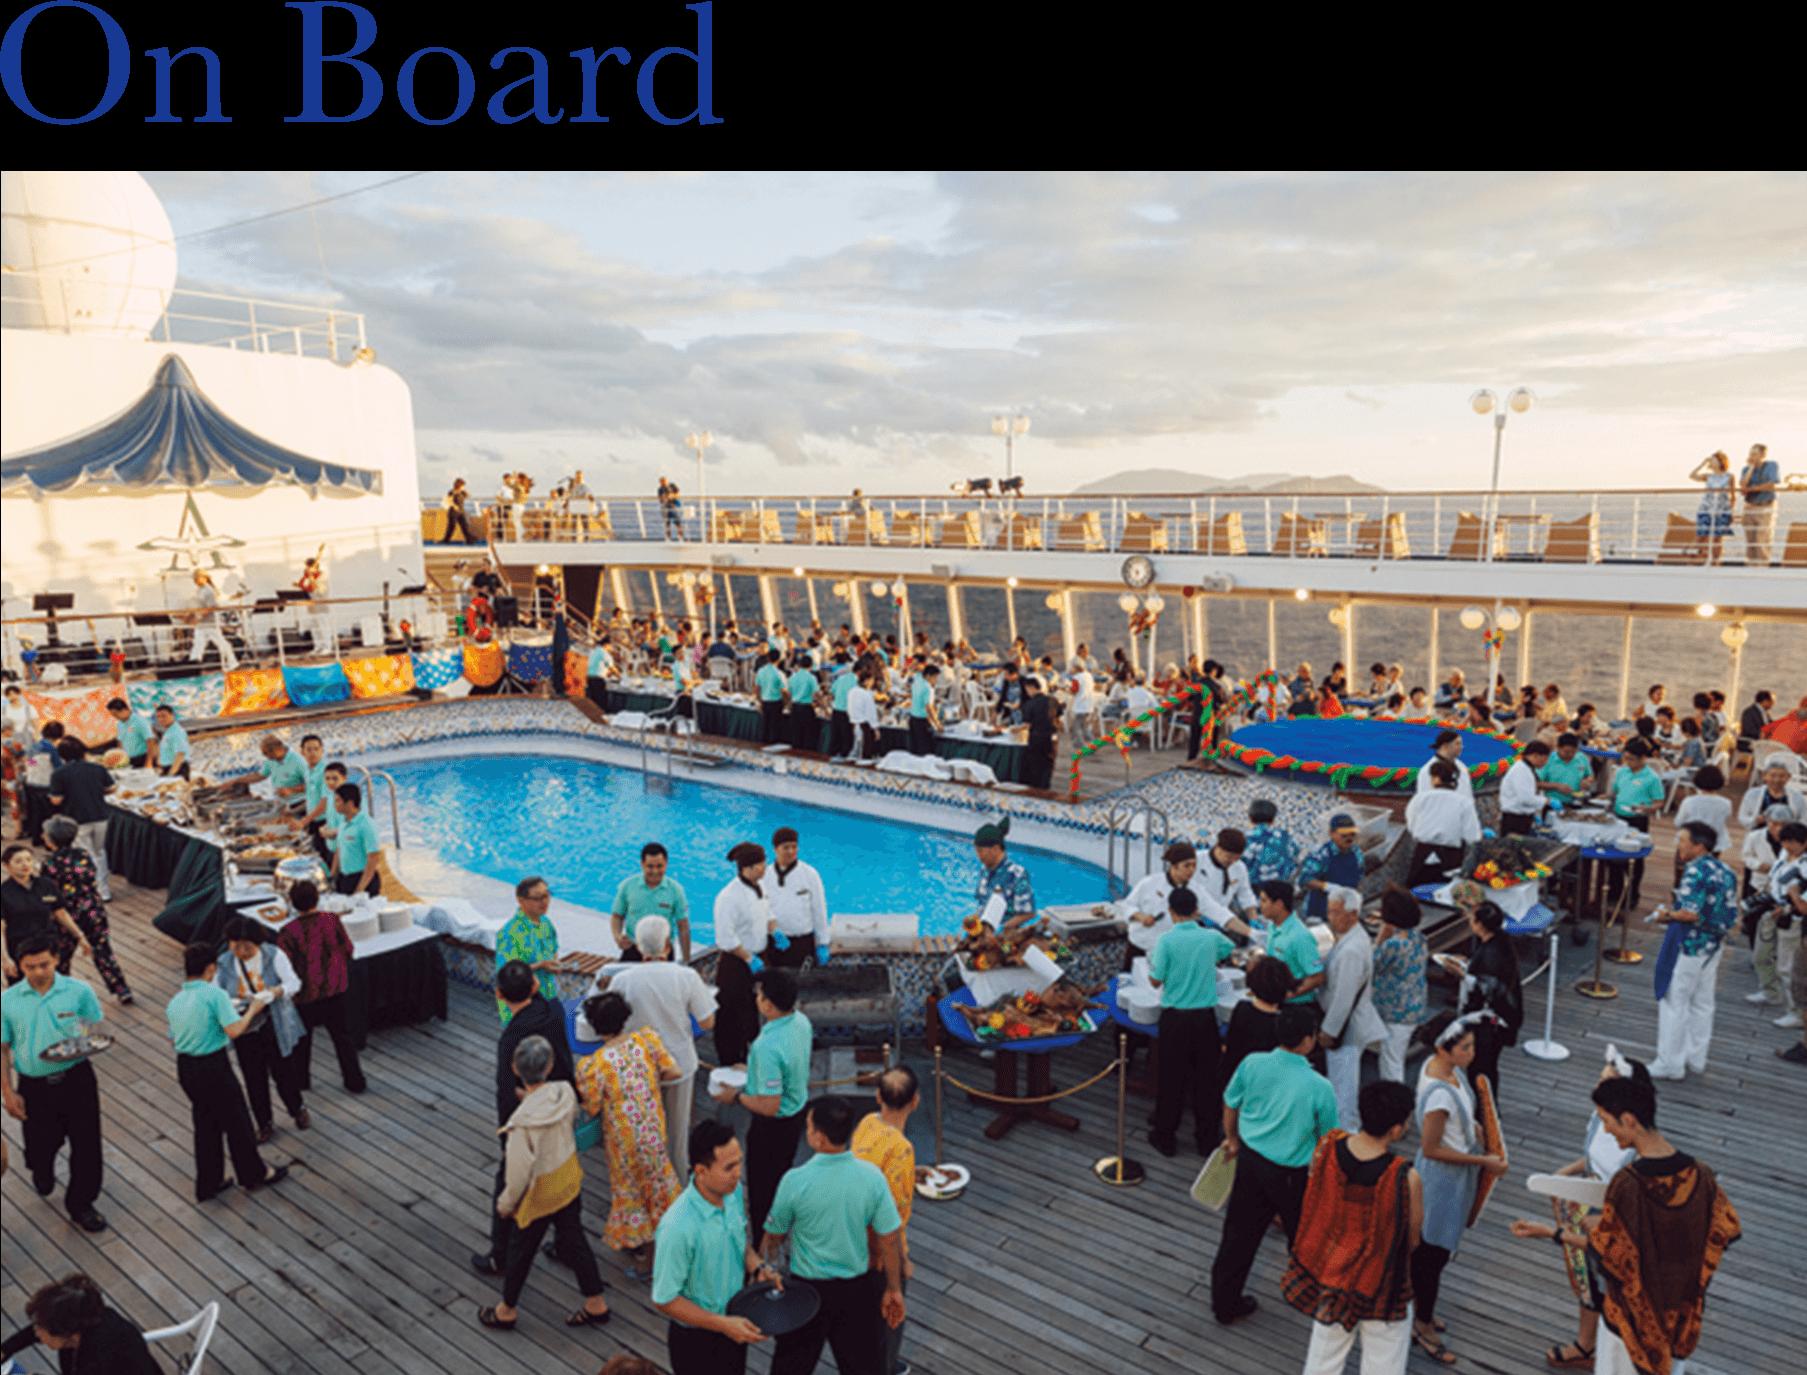 2021年 オセアニアグランドクルーズ On Board オセアニアデッキディナー 詳細情報